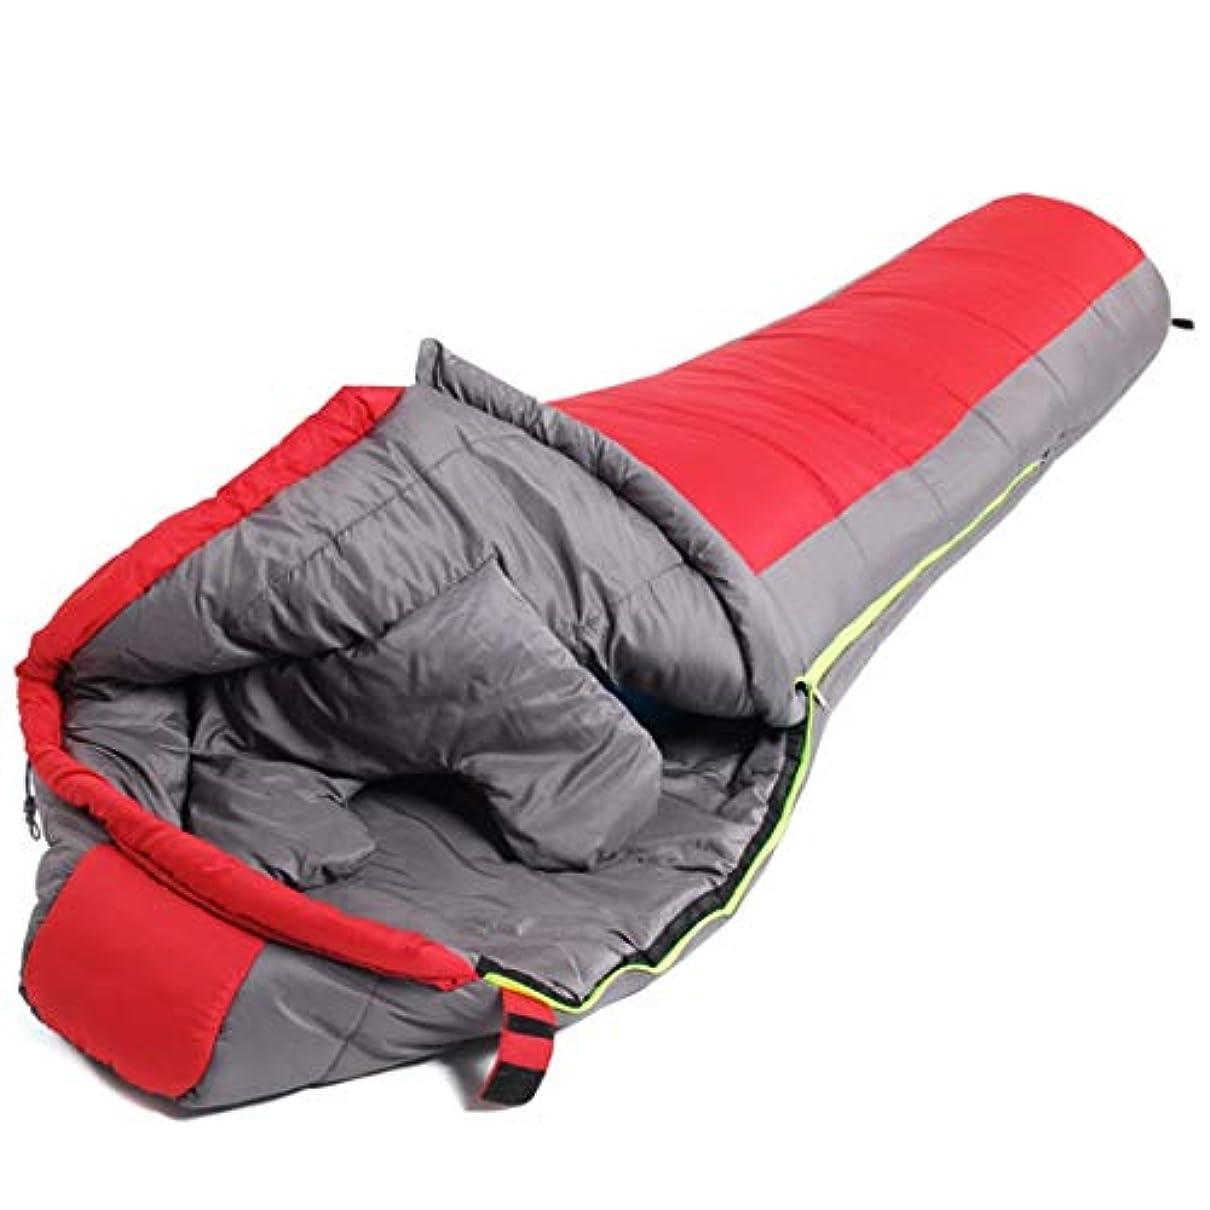 群がる定常スペースYIJUPIN キャンプミイラ化された寝袋軽量ポータブル防水、ハイキングのための圧縮 (色 : レッド)